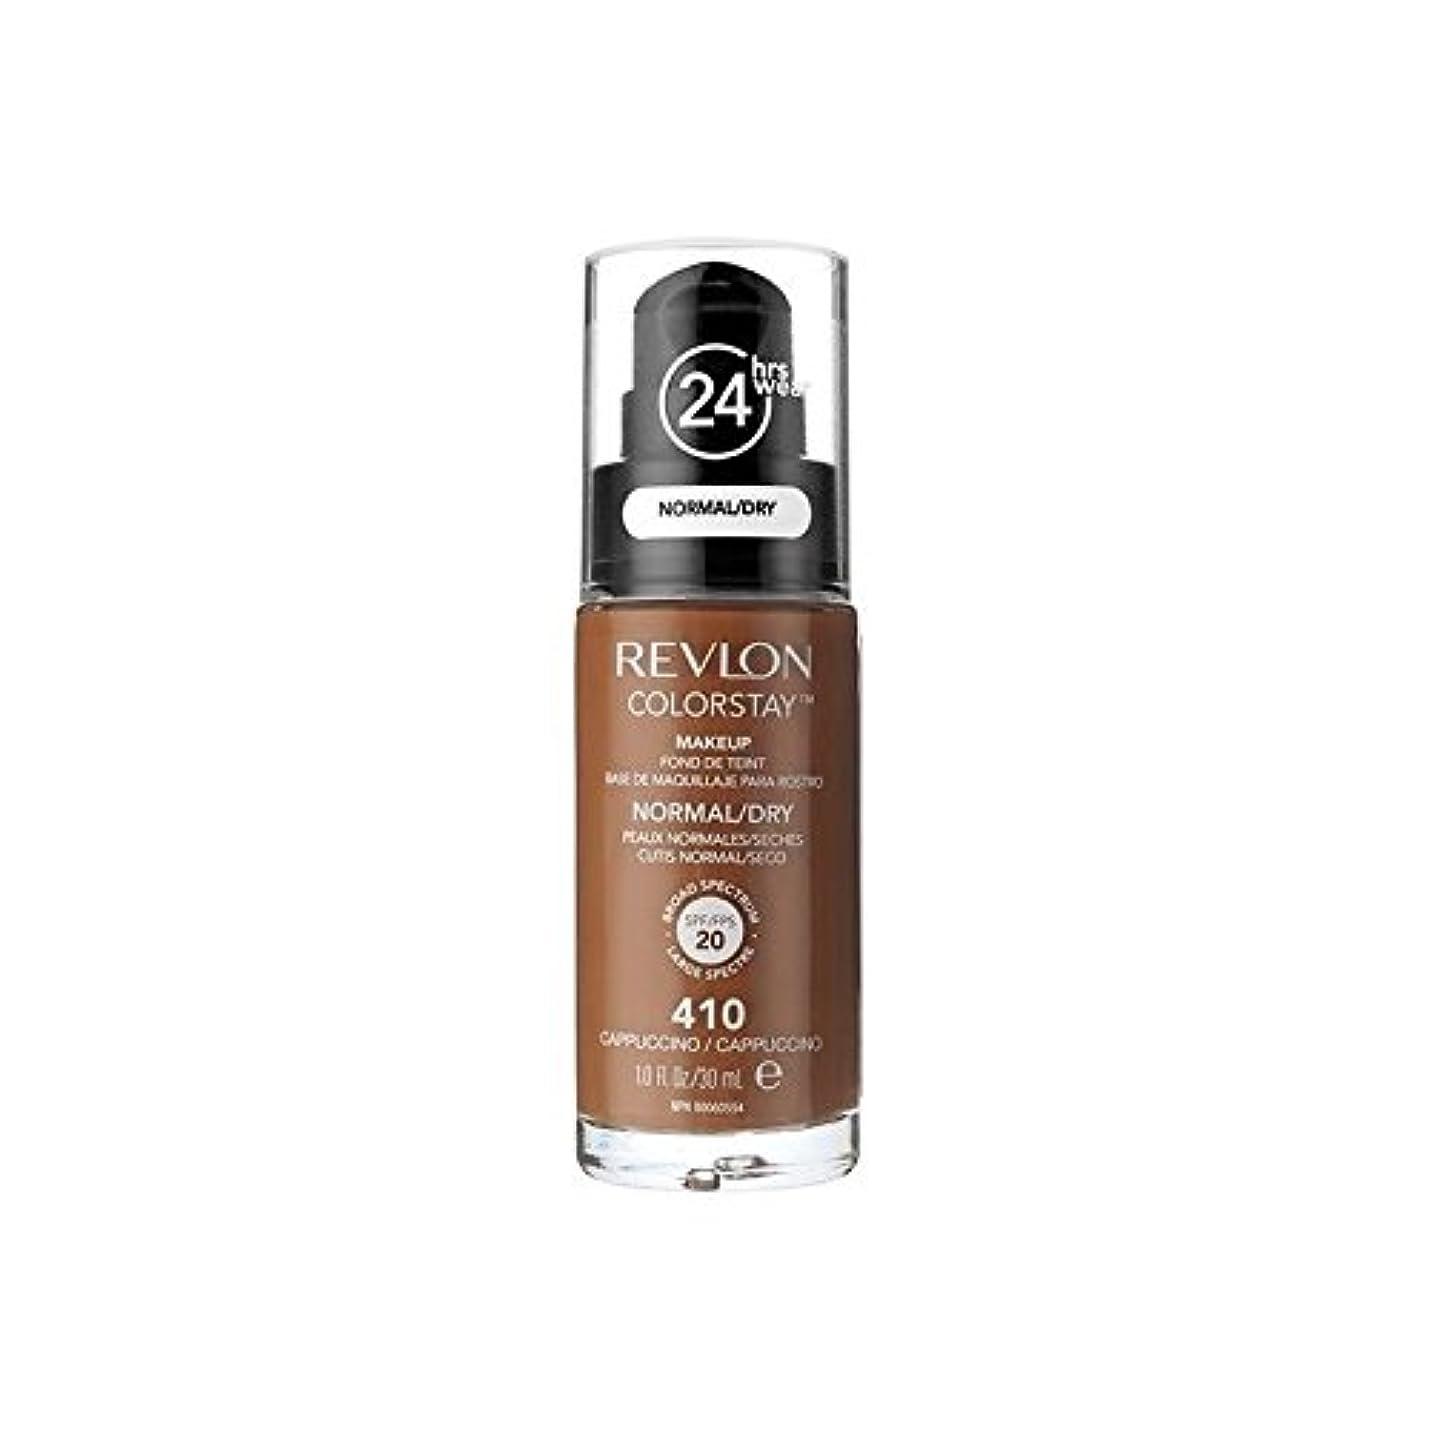 眉完璧嵐のレブロンの基礎通常の乾燥肌のカプチーノ x2 - Revlon Colorstay Foundation Normal Dry Skin Cappuccino (Pack of 2) [並行輸入品]